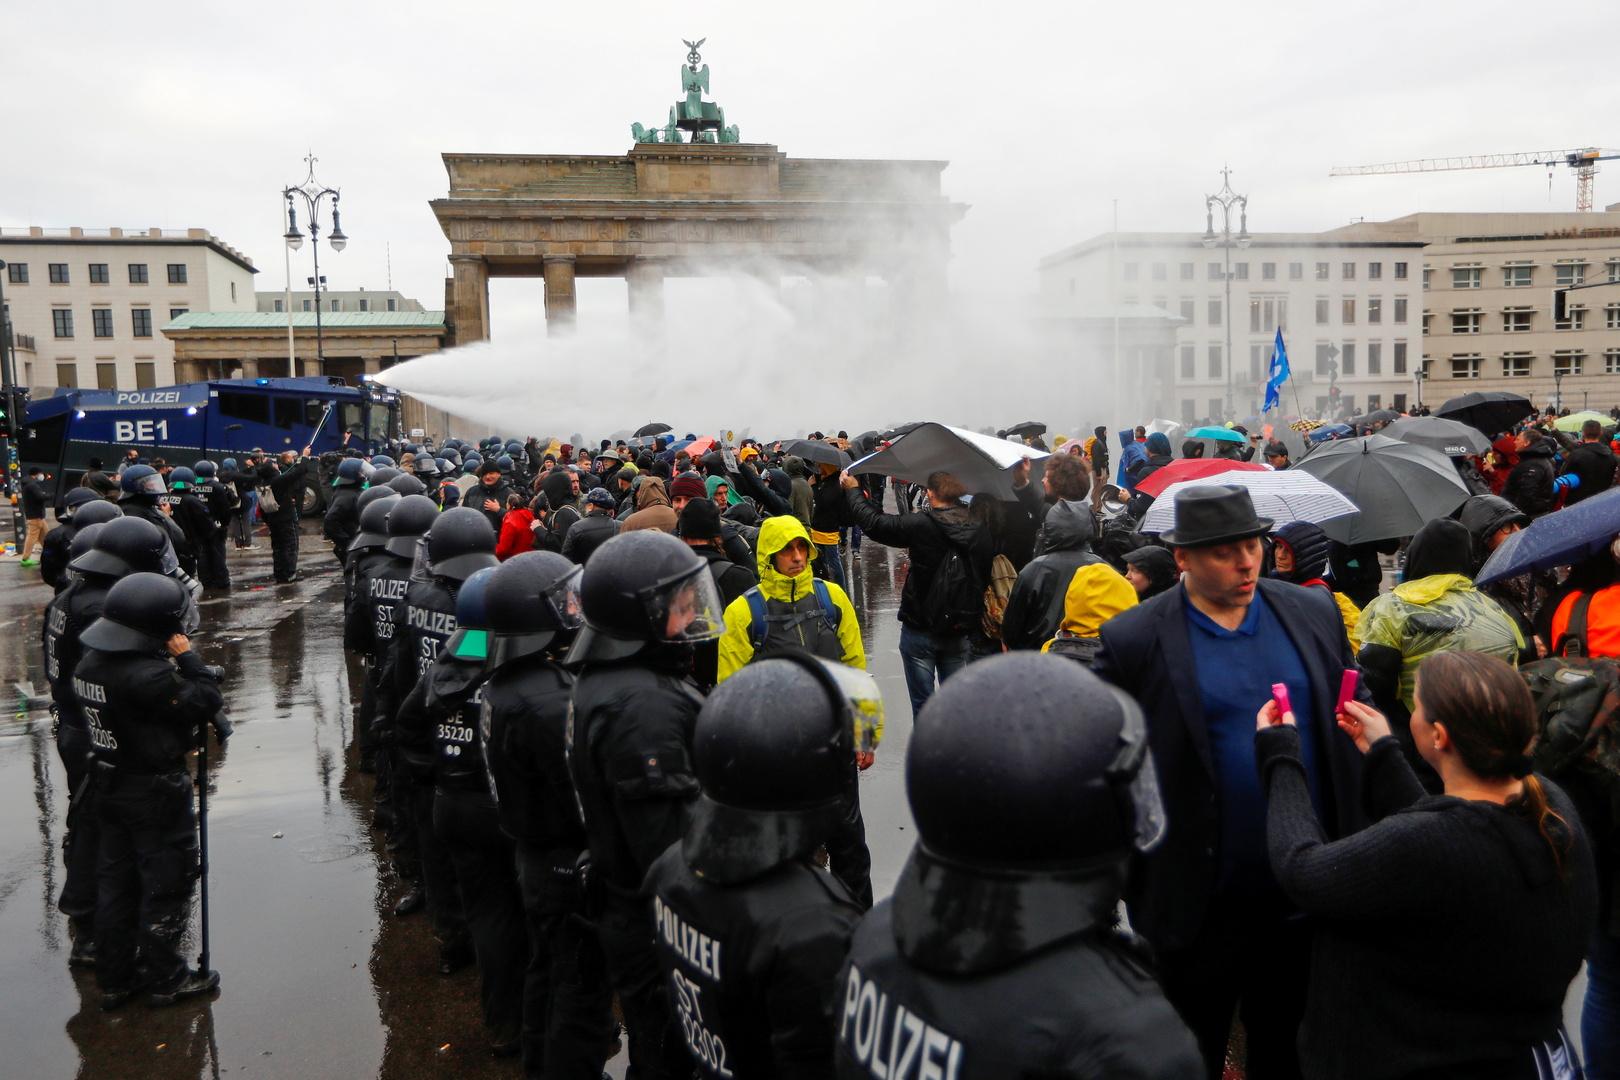 إصابة 10 من الشرطة واحتجاز 365 متظاهرا خلال احتجاجات ضد إجراءات العزل في برلين